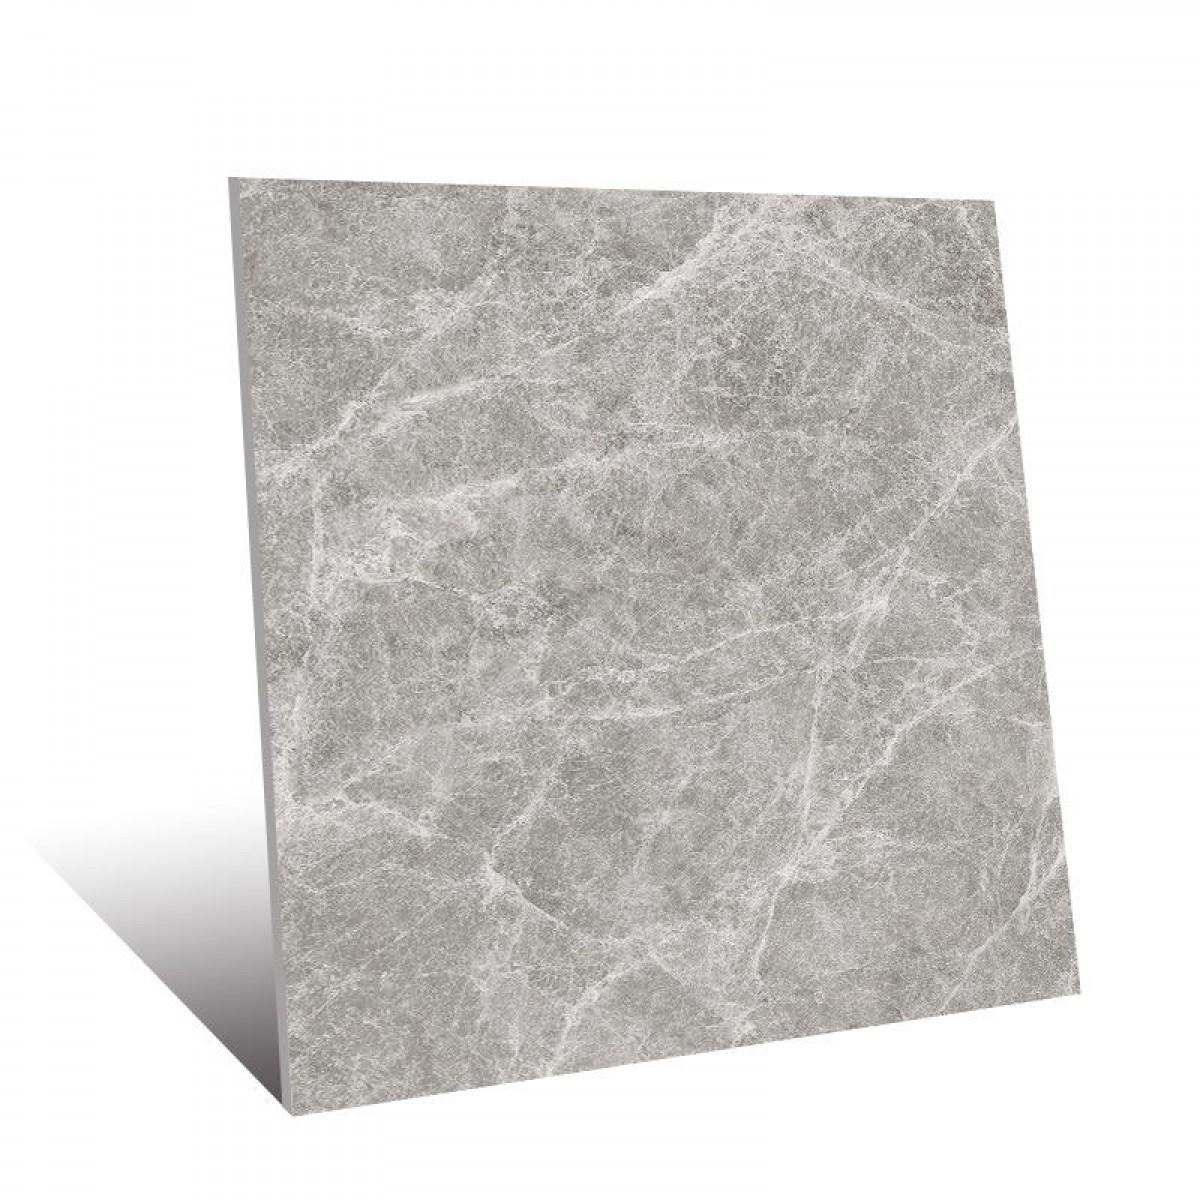 诺贝尔 瓷砖 劳伦深灰MS807807(原型号RS80807) 800*800mm